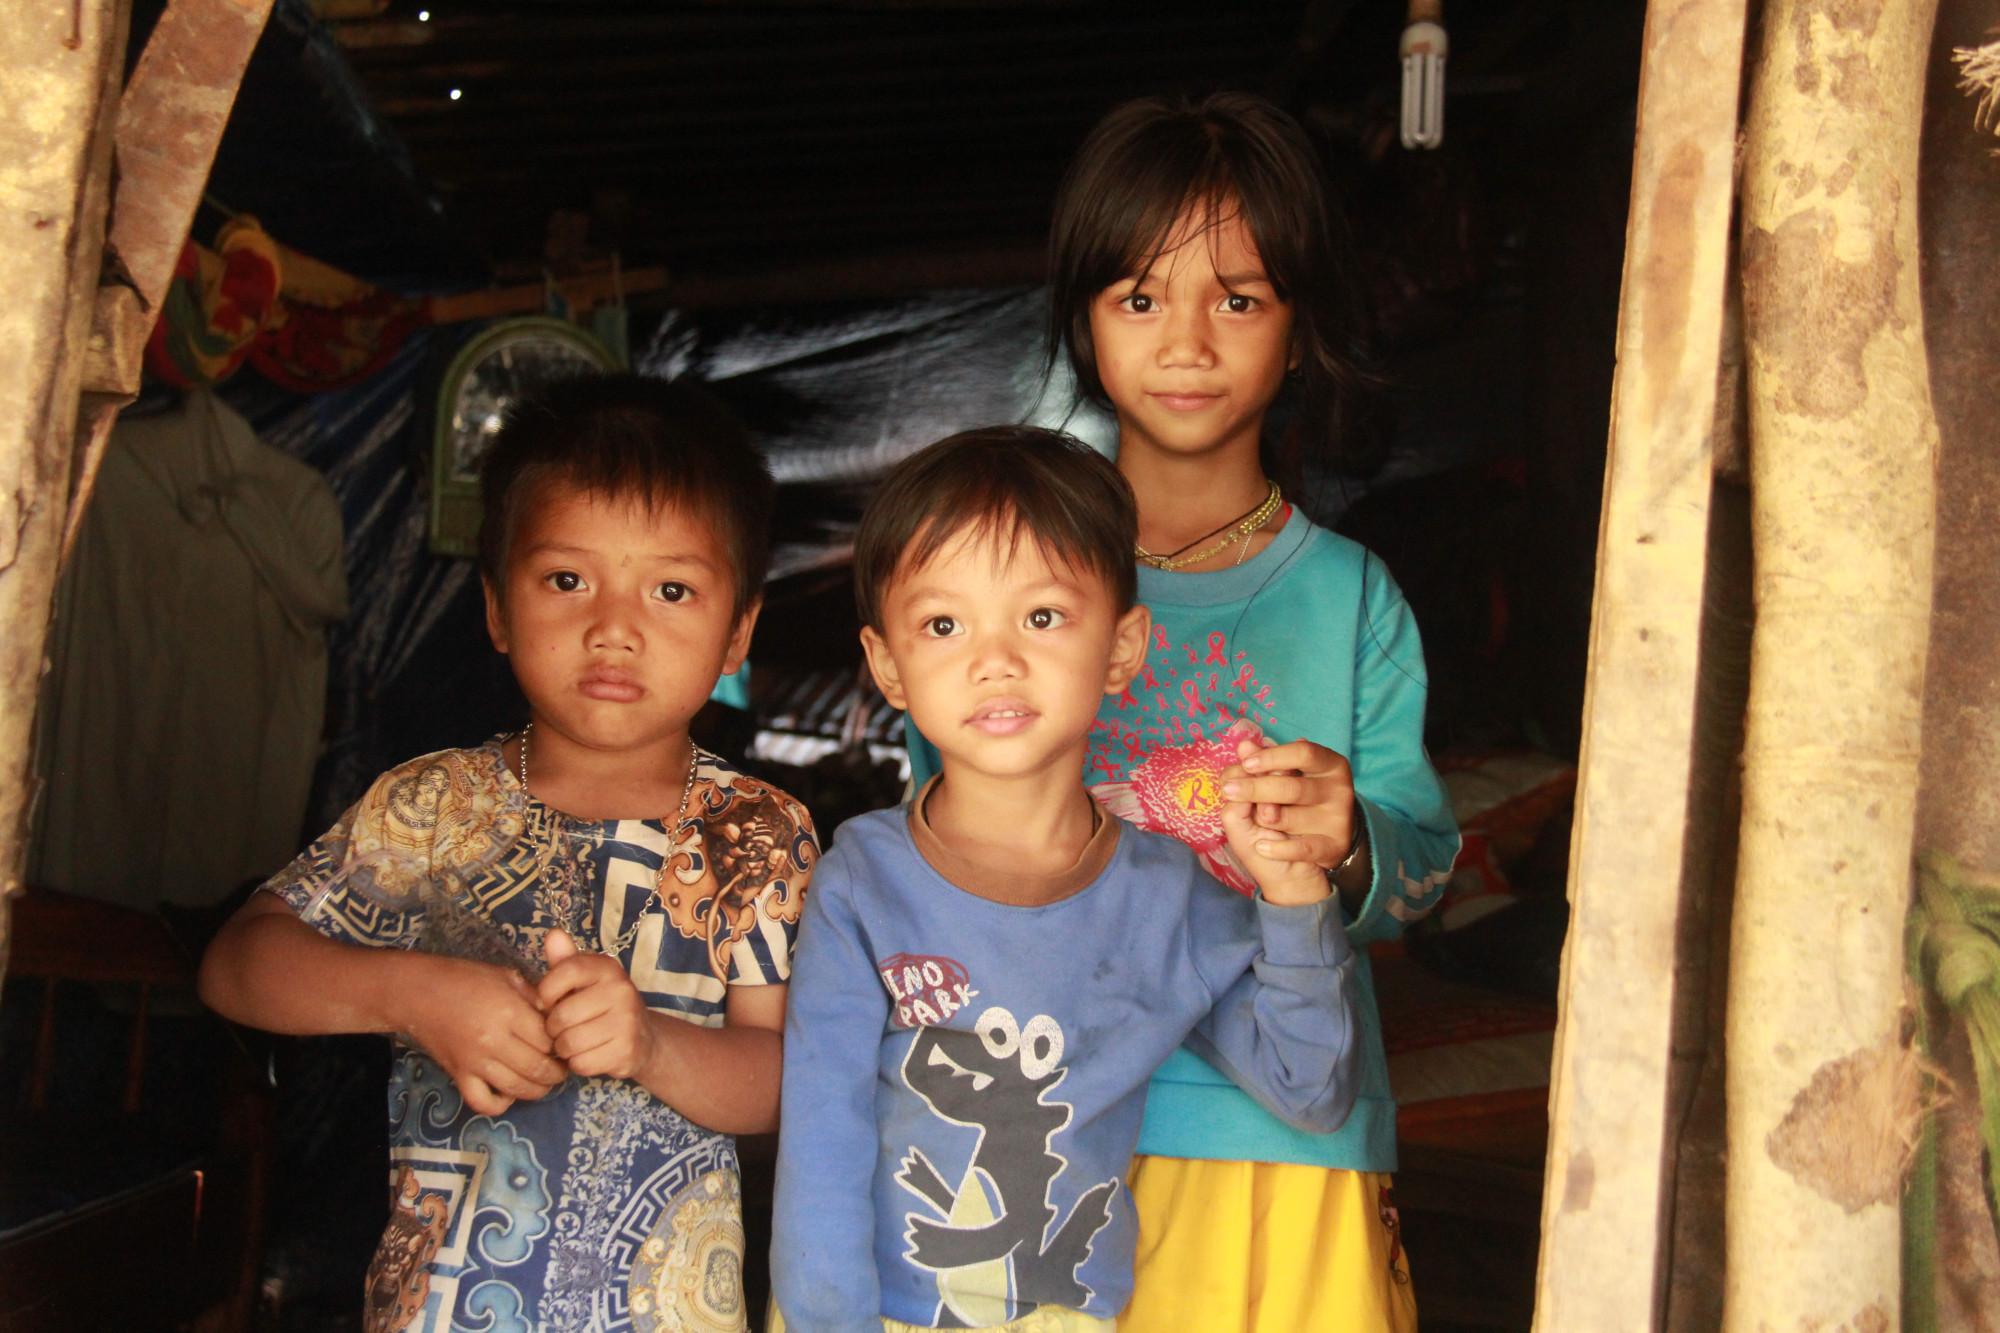 Mùa mưa bão lại sắp đến, nhưng không biết đến khi nào những đứa trẻ này có đươc môt ngôi nhà đúng nghĩa.